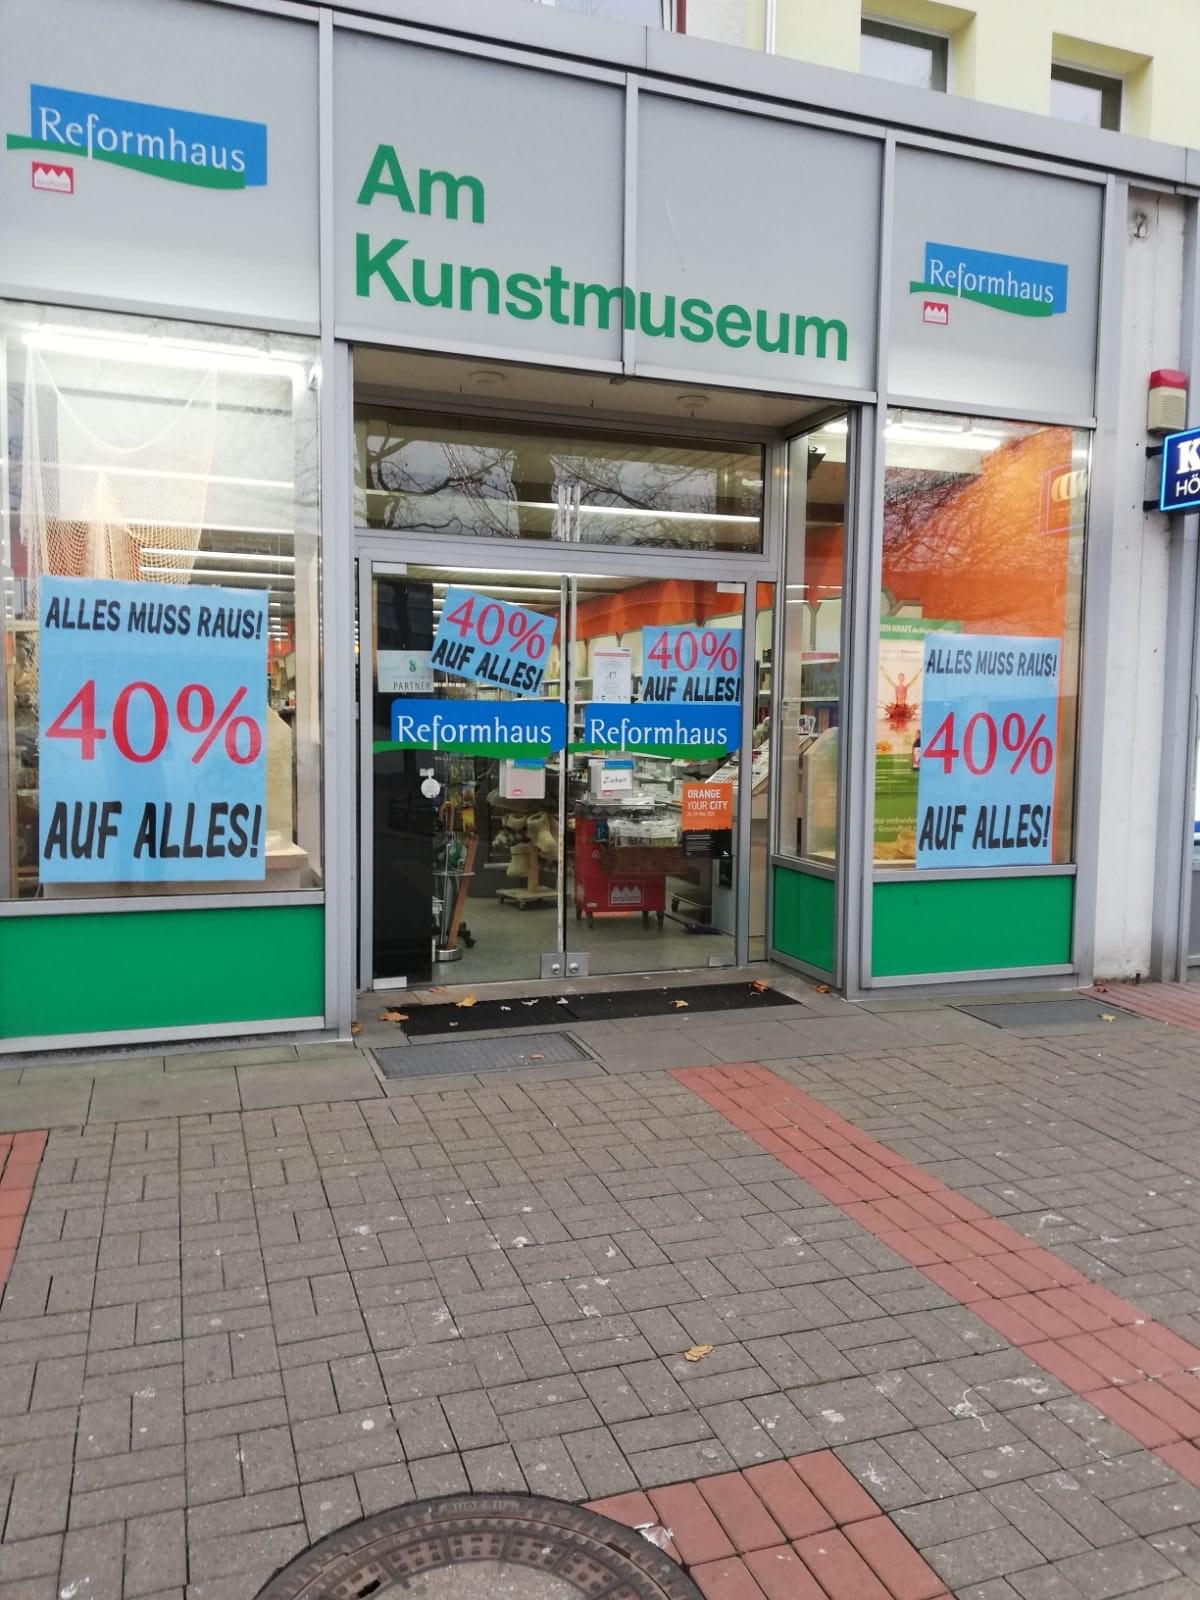 Wolfsburg Reformhaus am Kunstmuseum 40% auf alles!